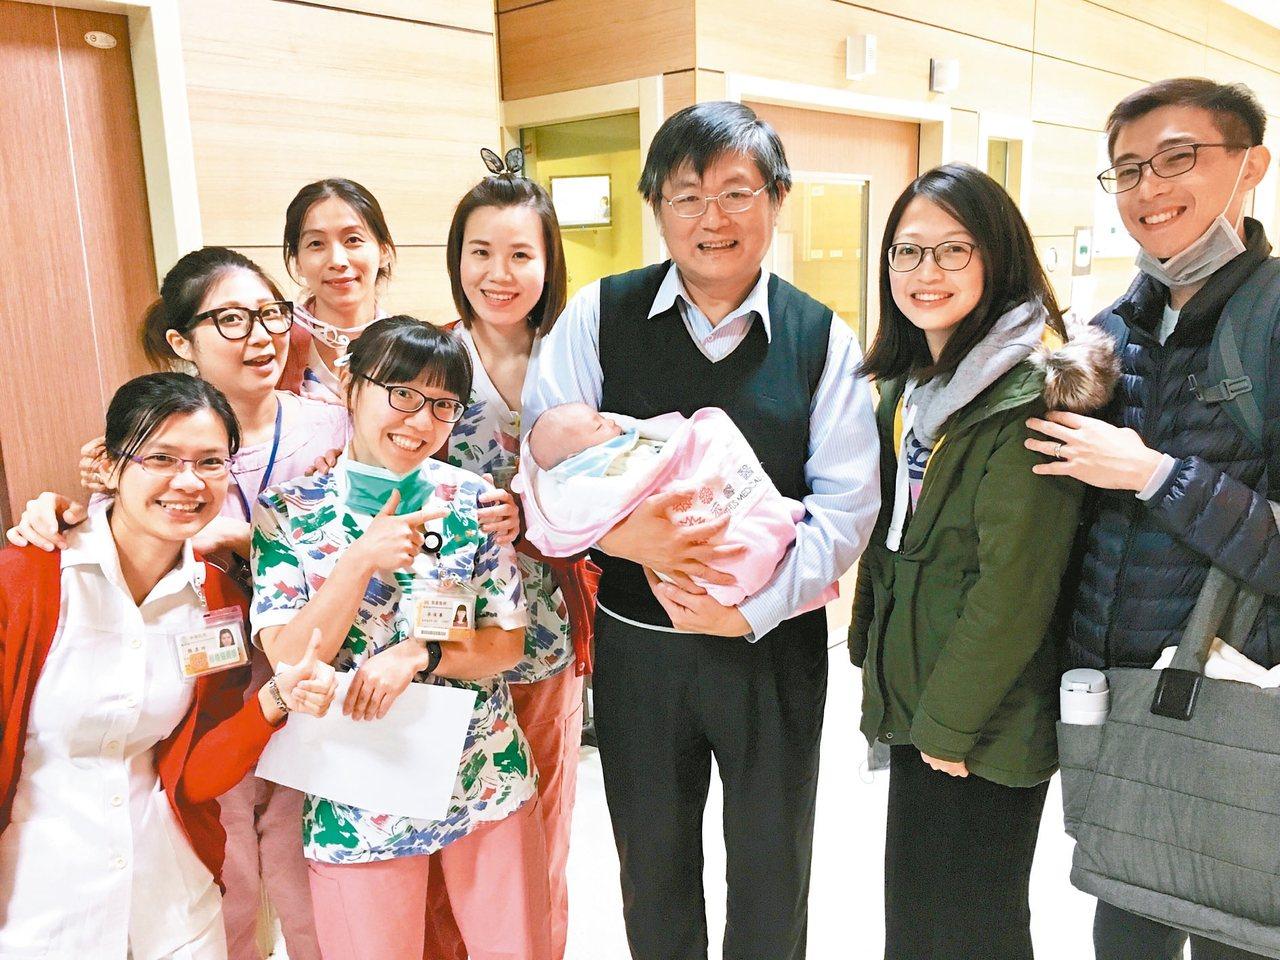 李威震(右三)和團隊為牟小姐換肝,牟小姐順利產下女兒後,夫妻(右兩位)和團隊分享...